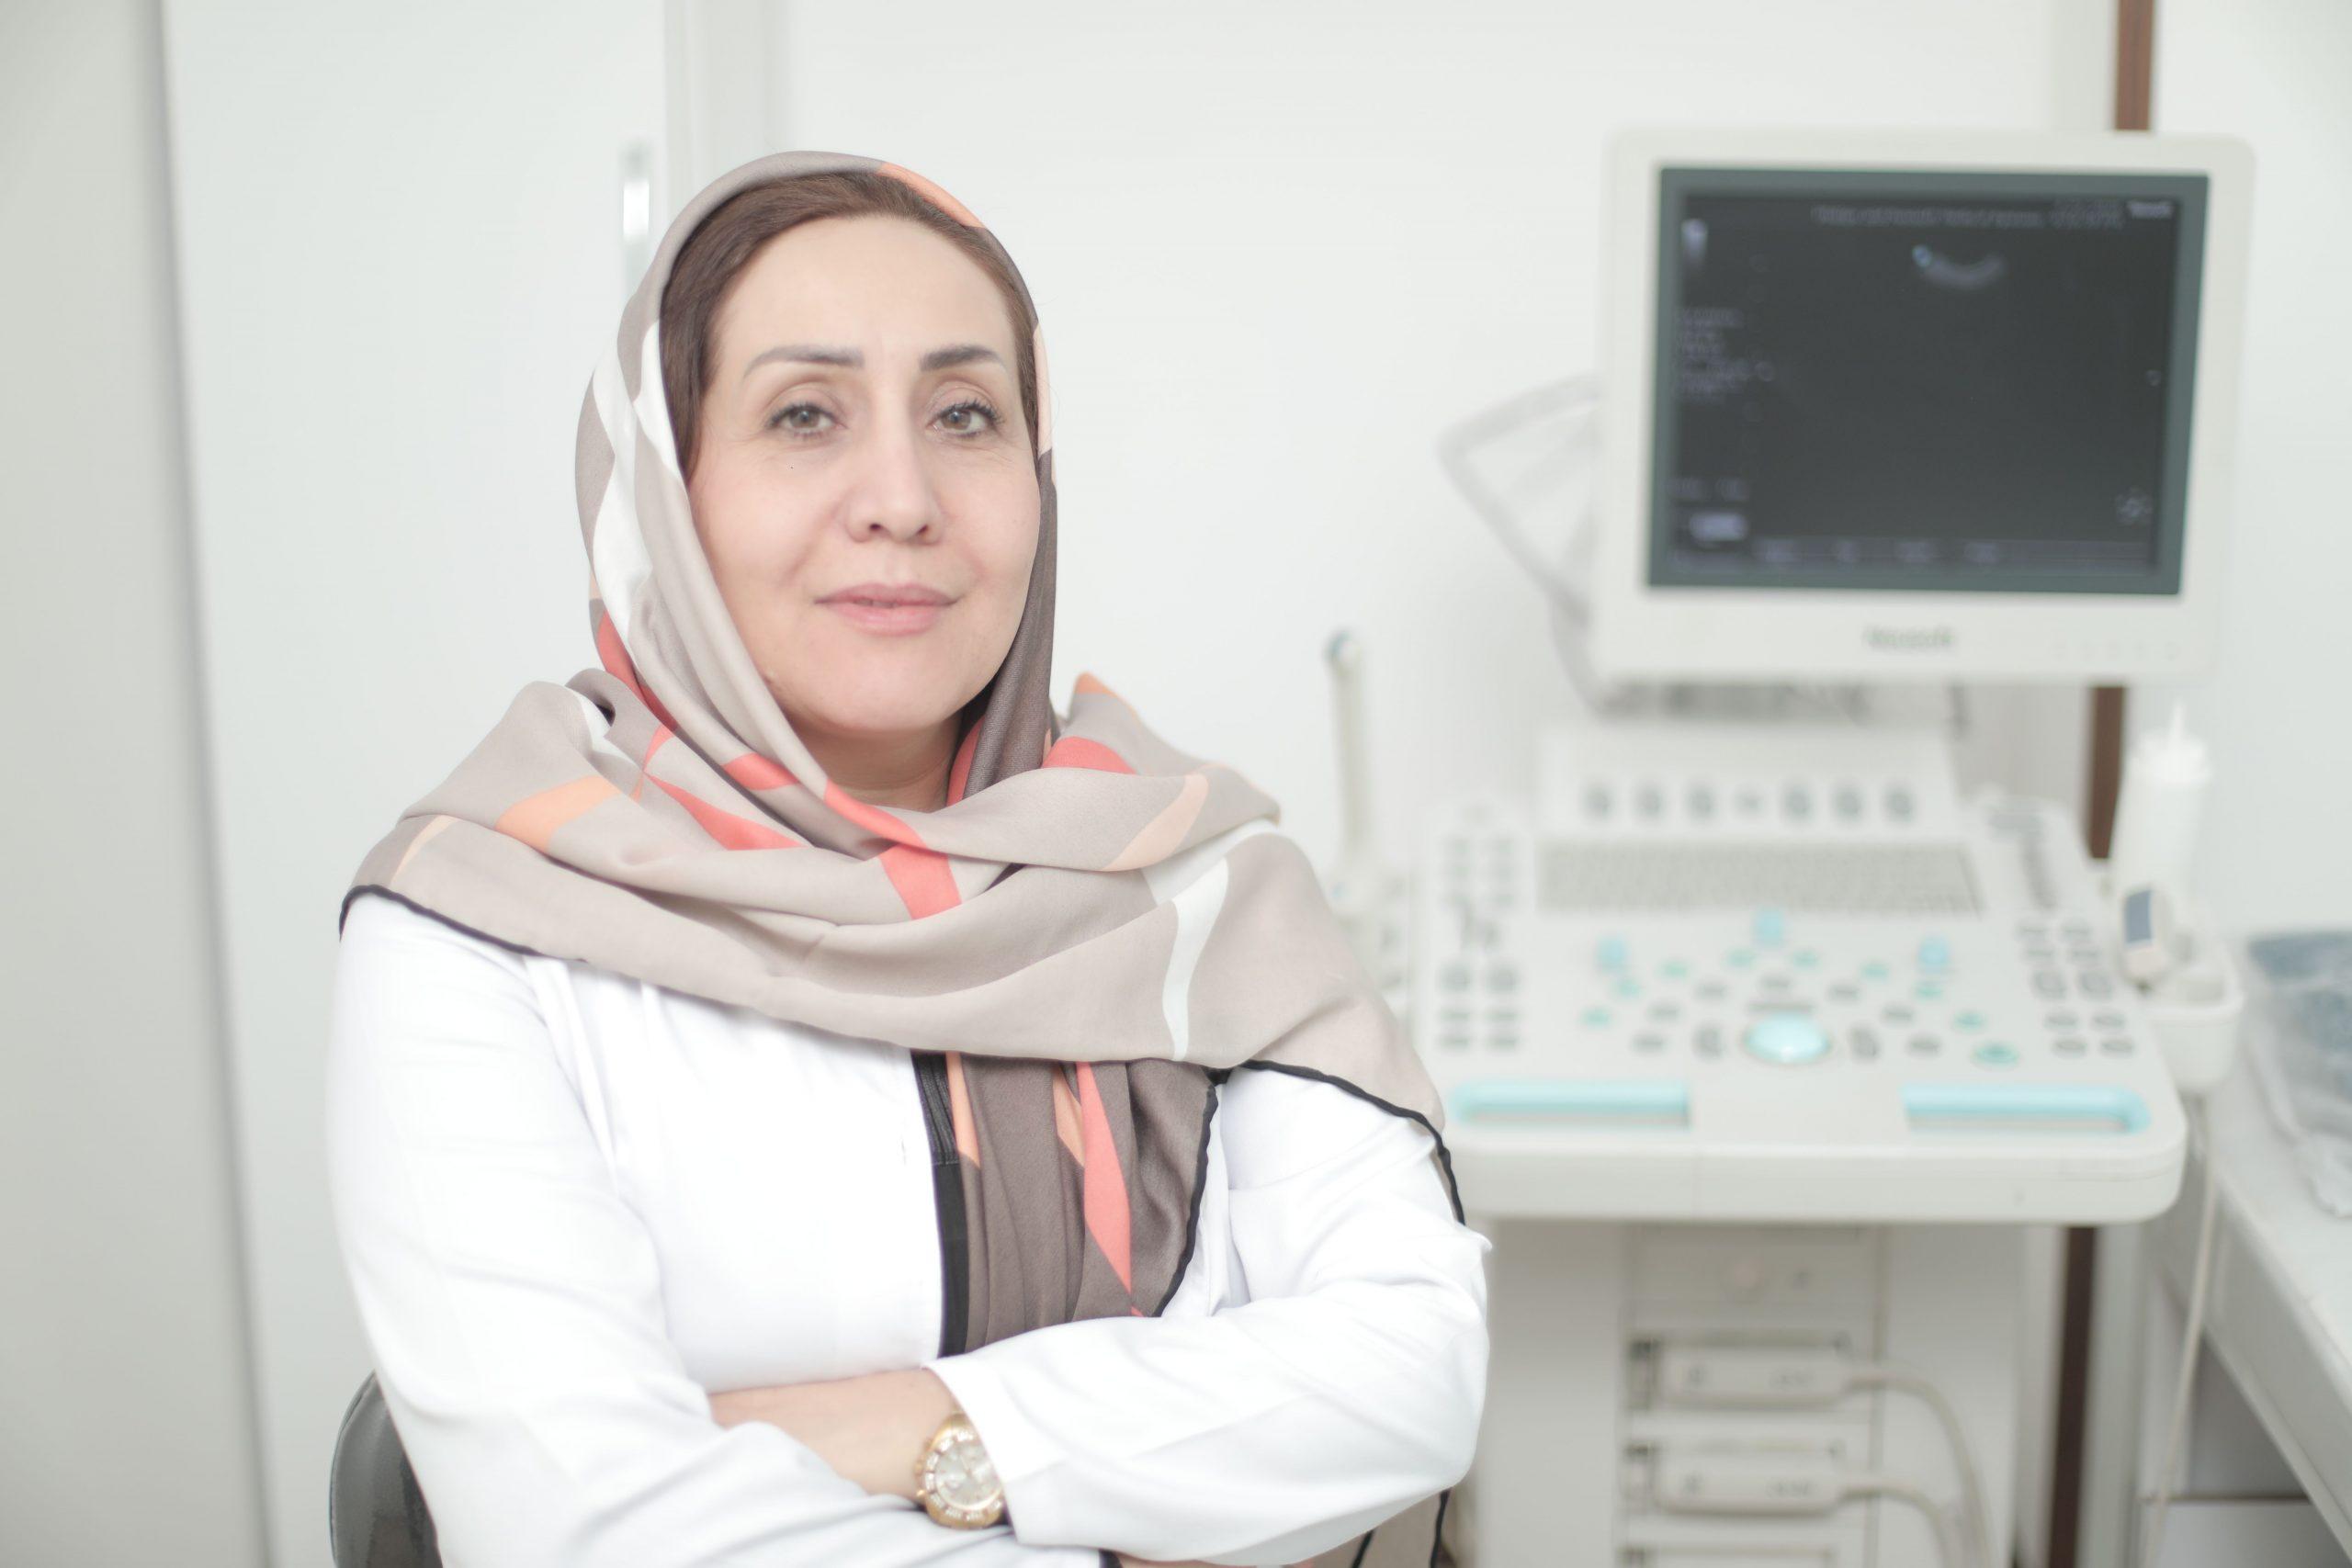 دکتر فیروزی متخصص زنان در کرج